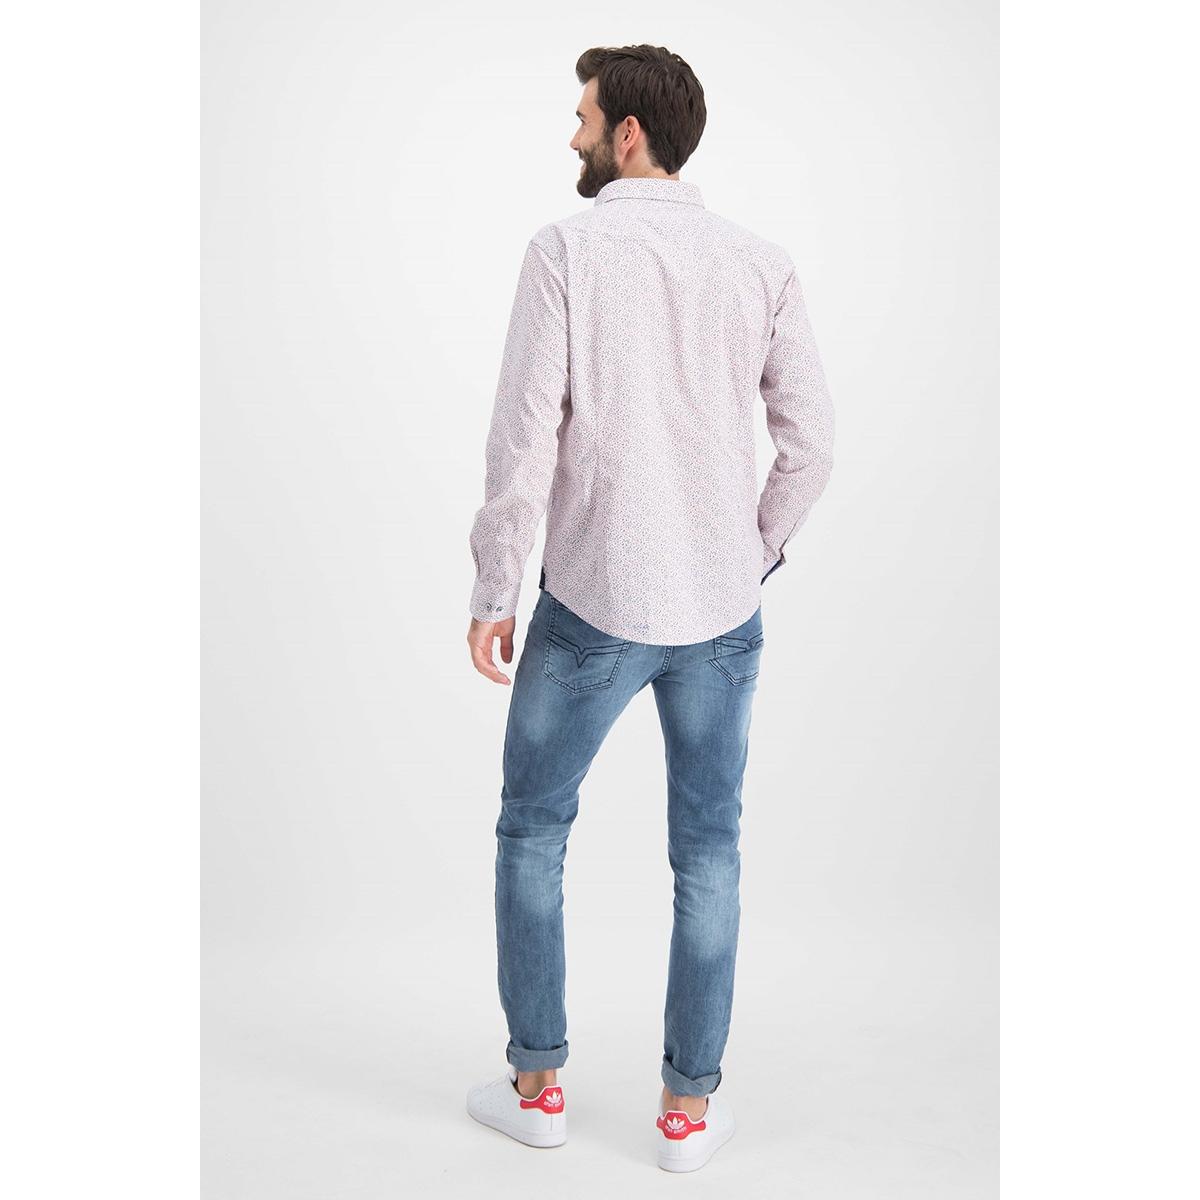 mc12 0101 01 shirt aop stretch haze & finn overhemd winter garden